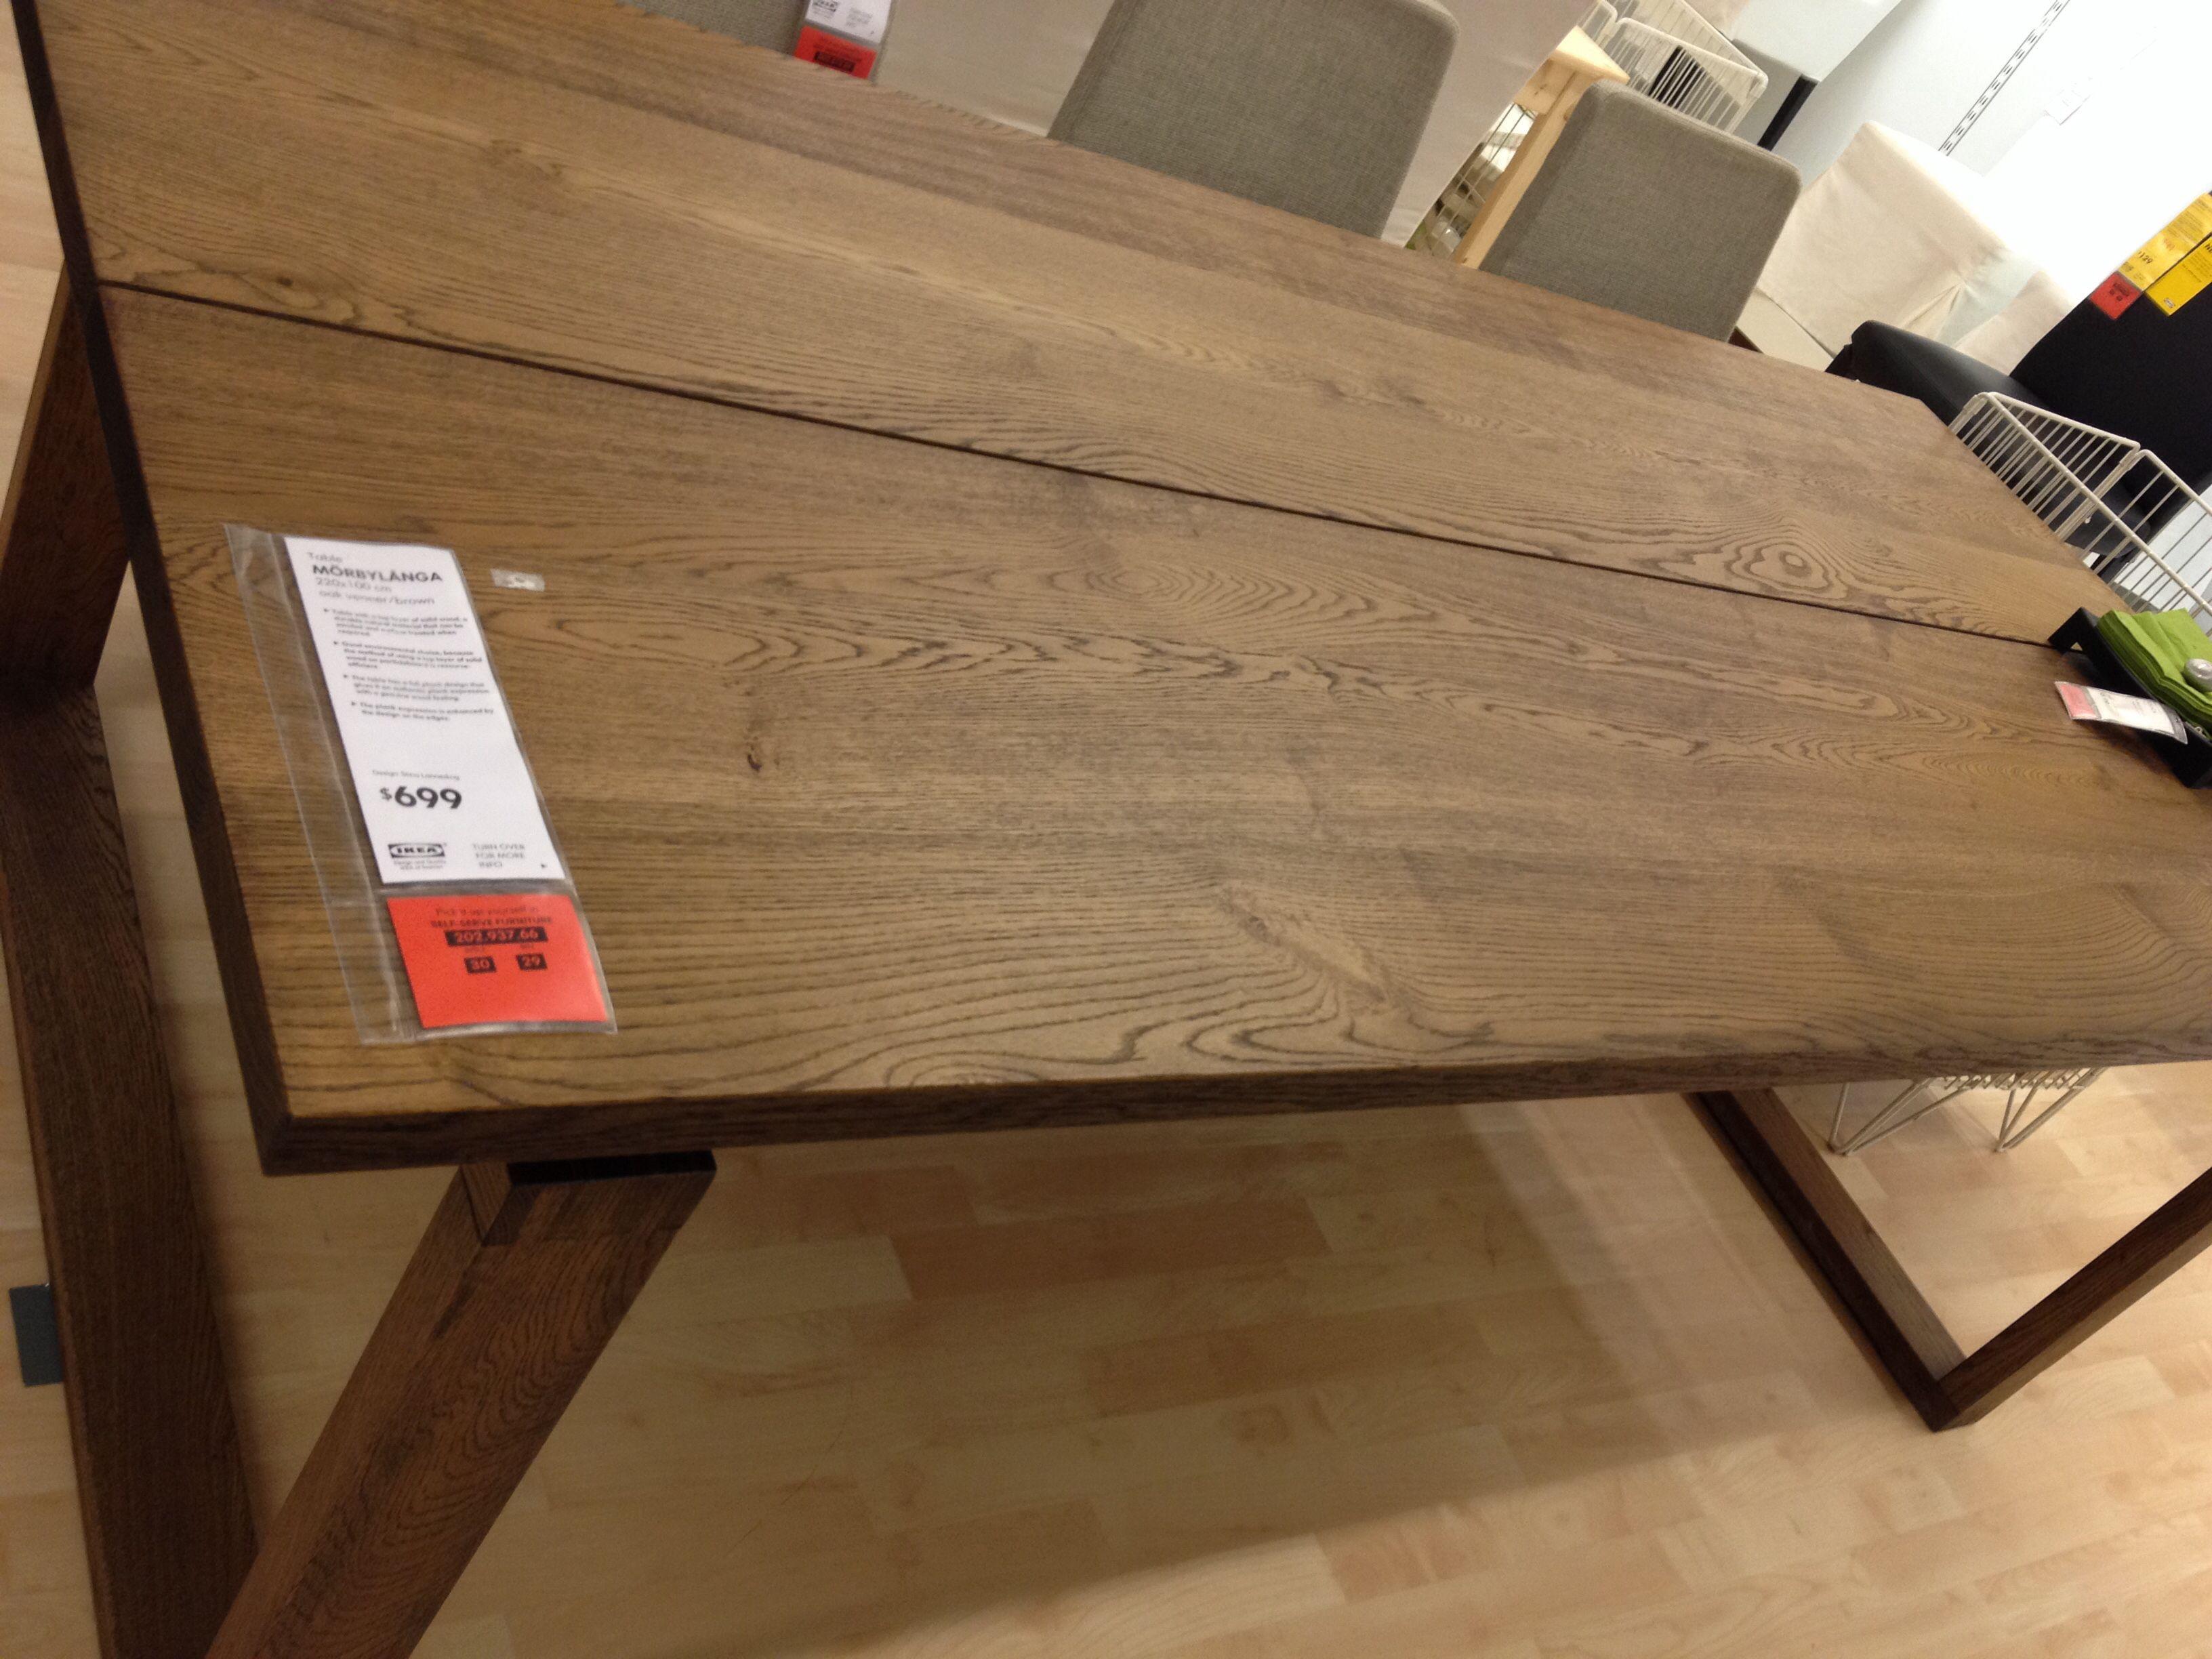 Meilleur De De Table Blanche Ikea Concept